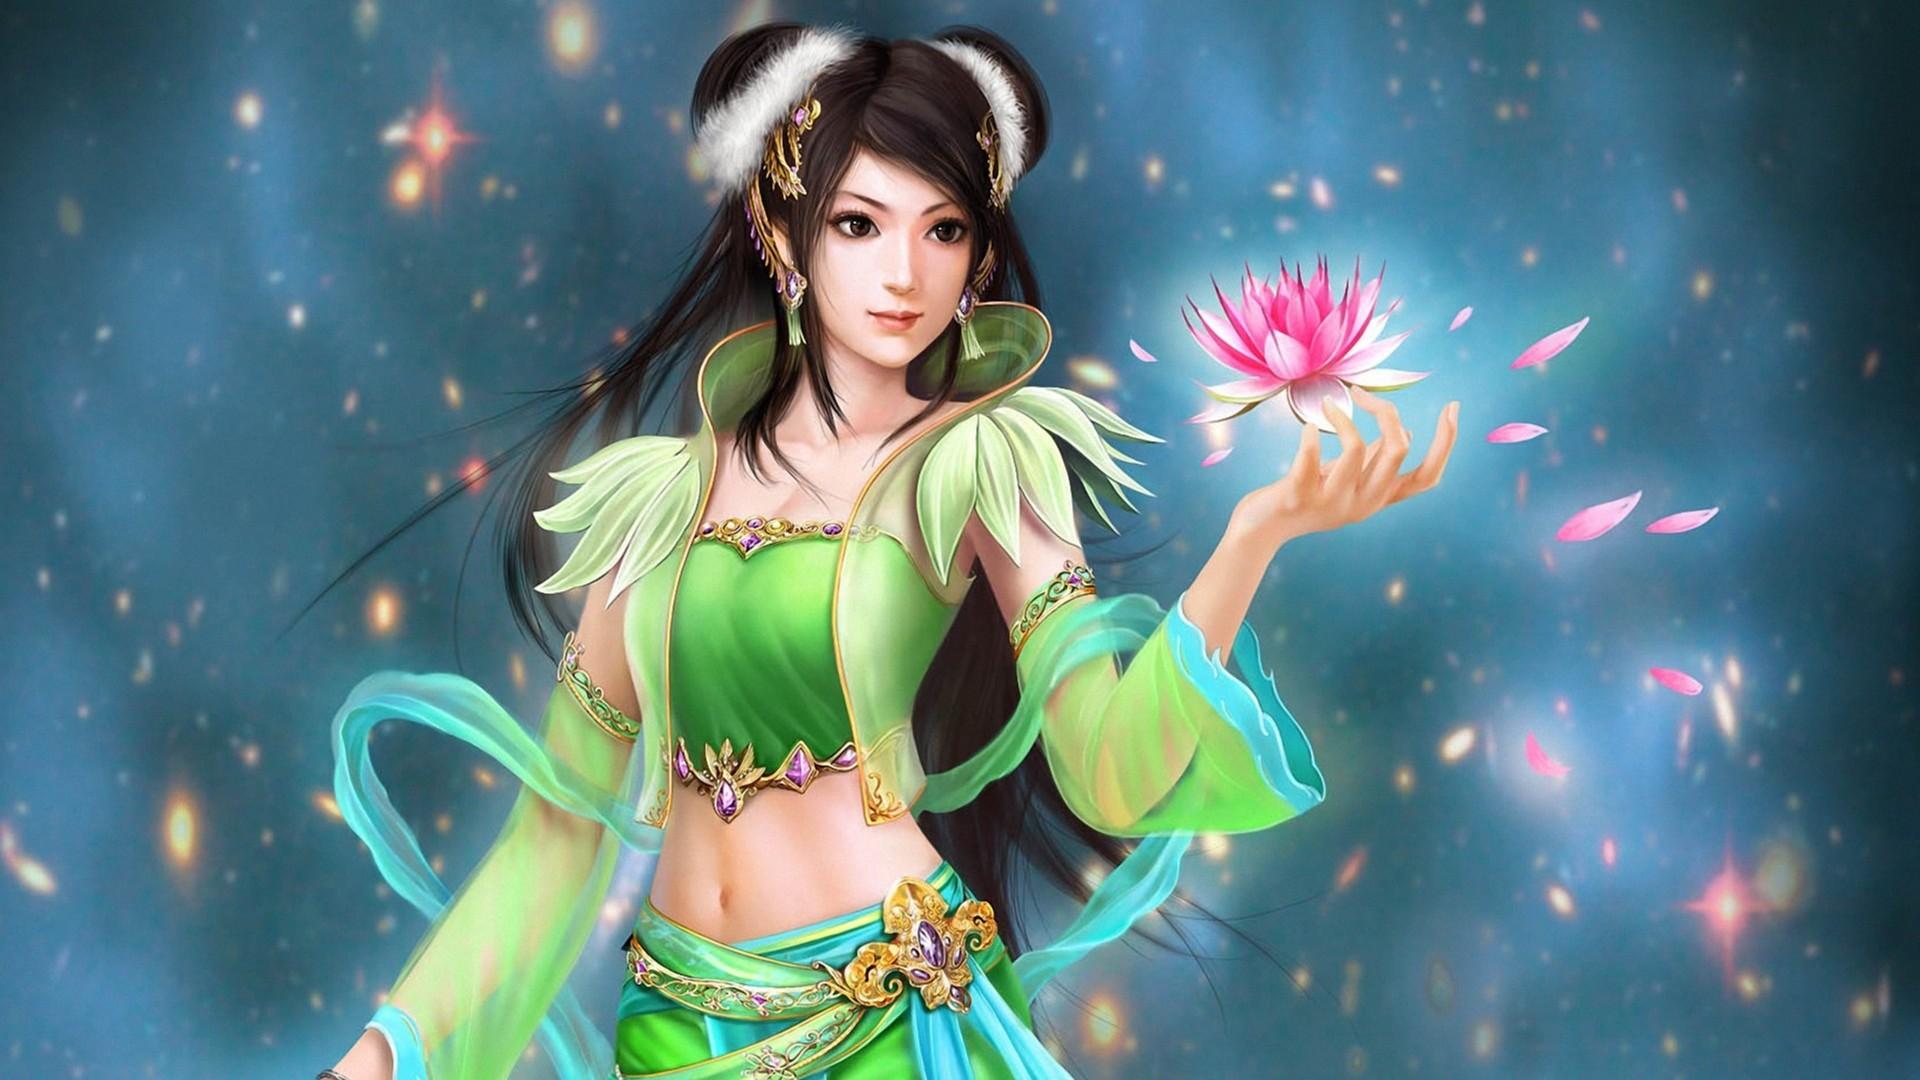 3D Fantasy Girl wallpaper | 1920x1080 | #73778